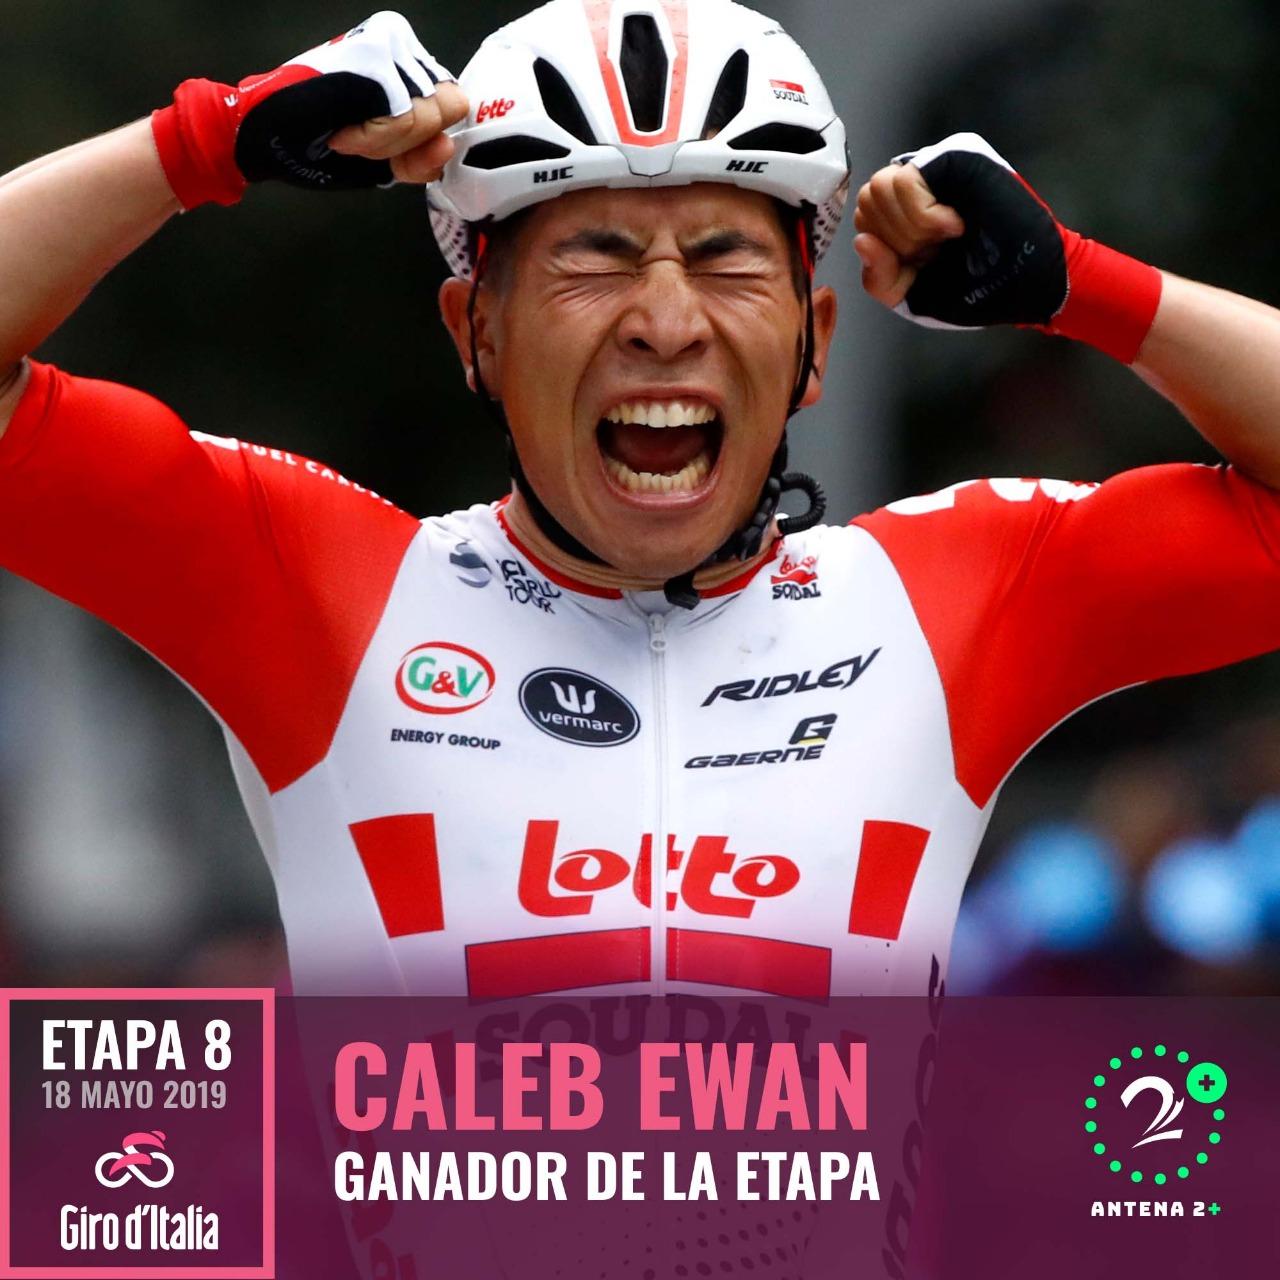 Caleb Ewan (Lotto Soudal) ganador de la octava etapa del Giro de Italia